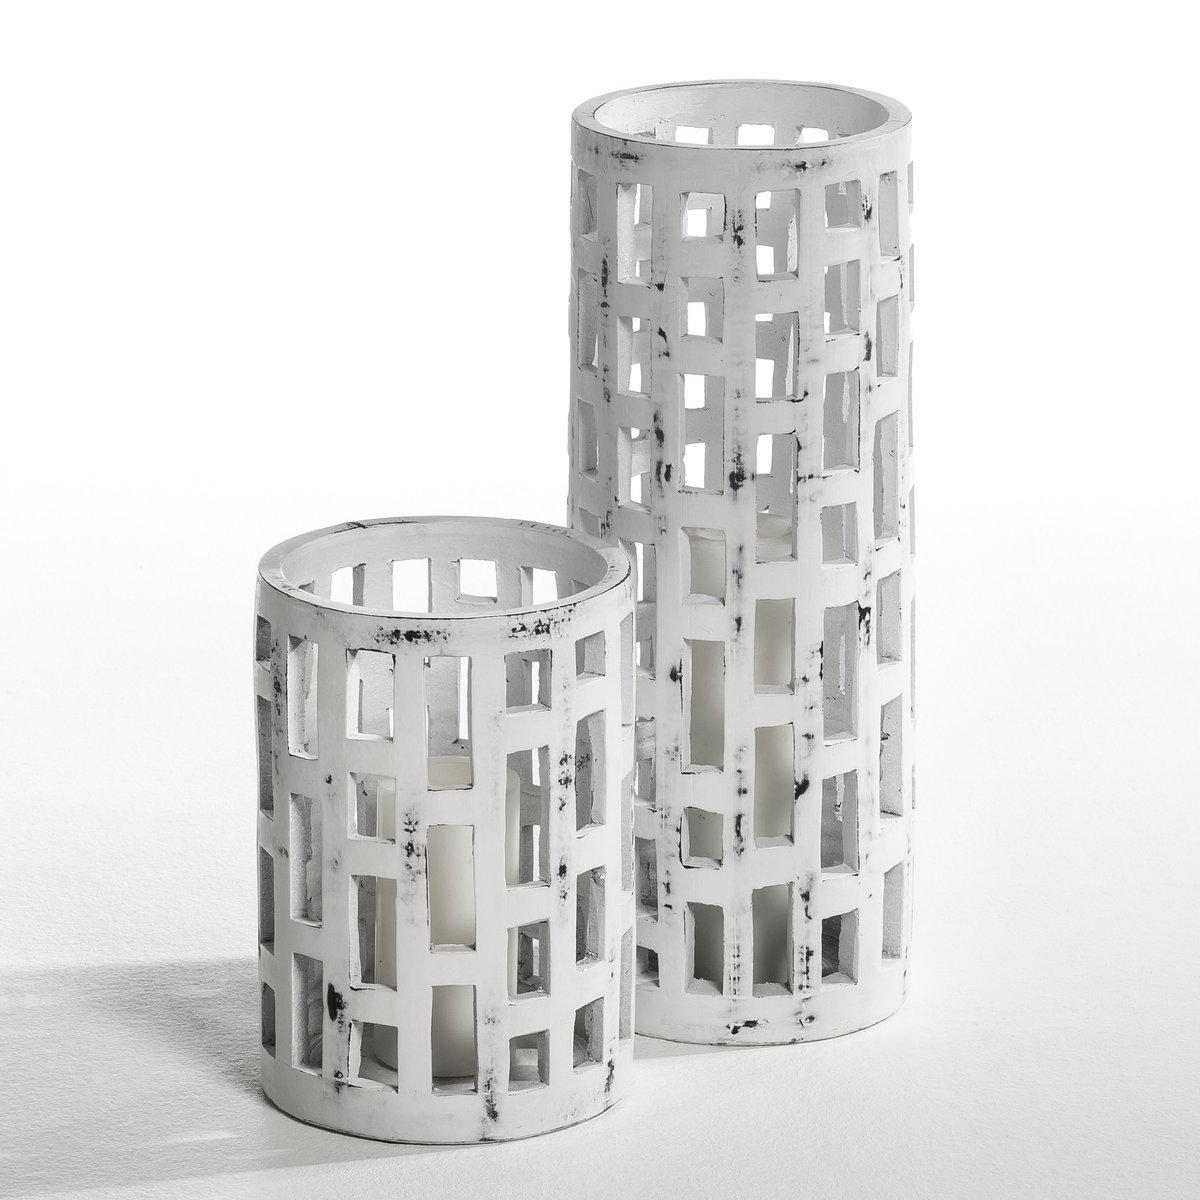 Подсвечник из керамики LudmillaПодсвечник или декор, который можно использовать как предмет искусства   . В стиле ремесленного производства . Из керамики, с состаренным и выцветшим эффектом   . Для свечи диаметром 10 см, Выс..20 см (не входит в комплект) . 2 размера  : - 1 размер : диаметр 16 см x выс.. 45 см .- 2 размер: диаметр 18 см x выс.. 25 см .<br><br>Цвет: серо-бежевый